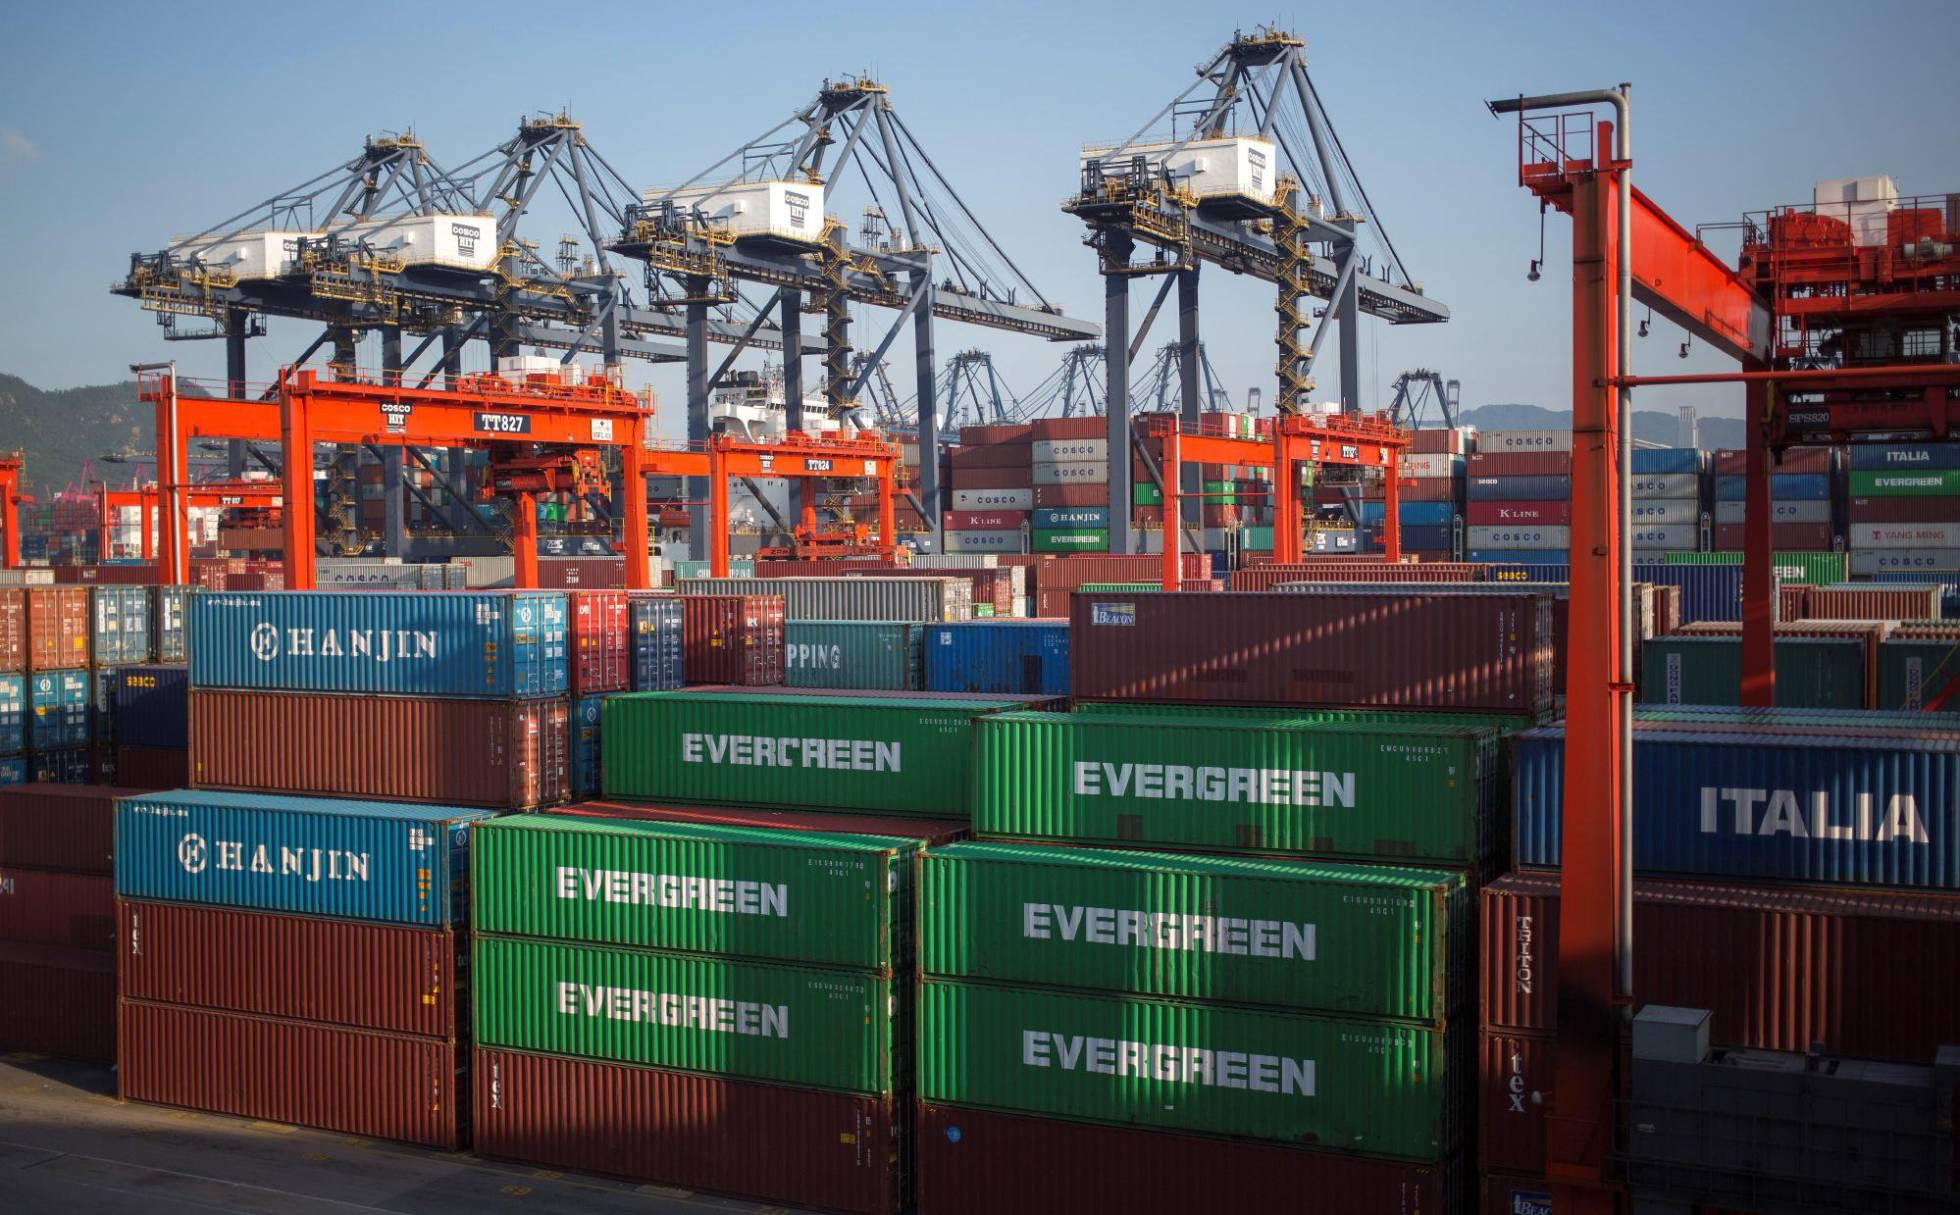 En medio de las discrepancias bilaterales: China anuncia nuevas exenciones arancelarias para  importaciones de EE.UU.